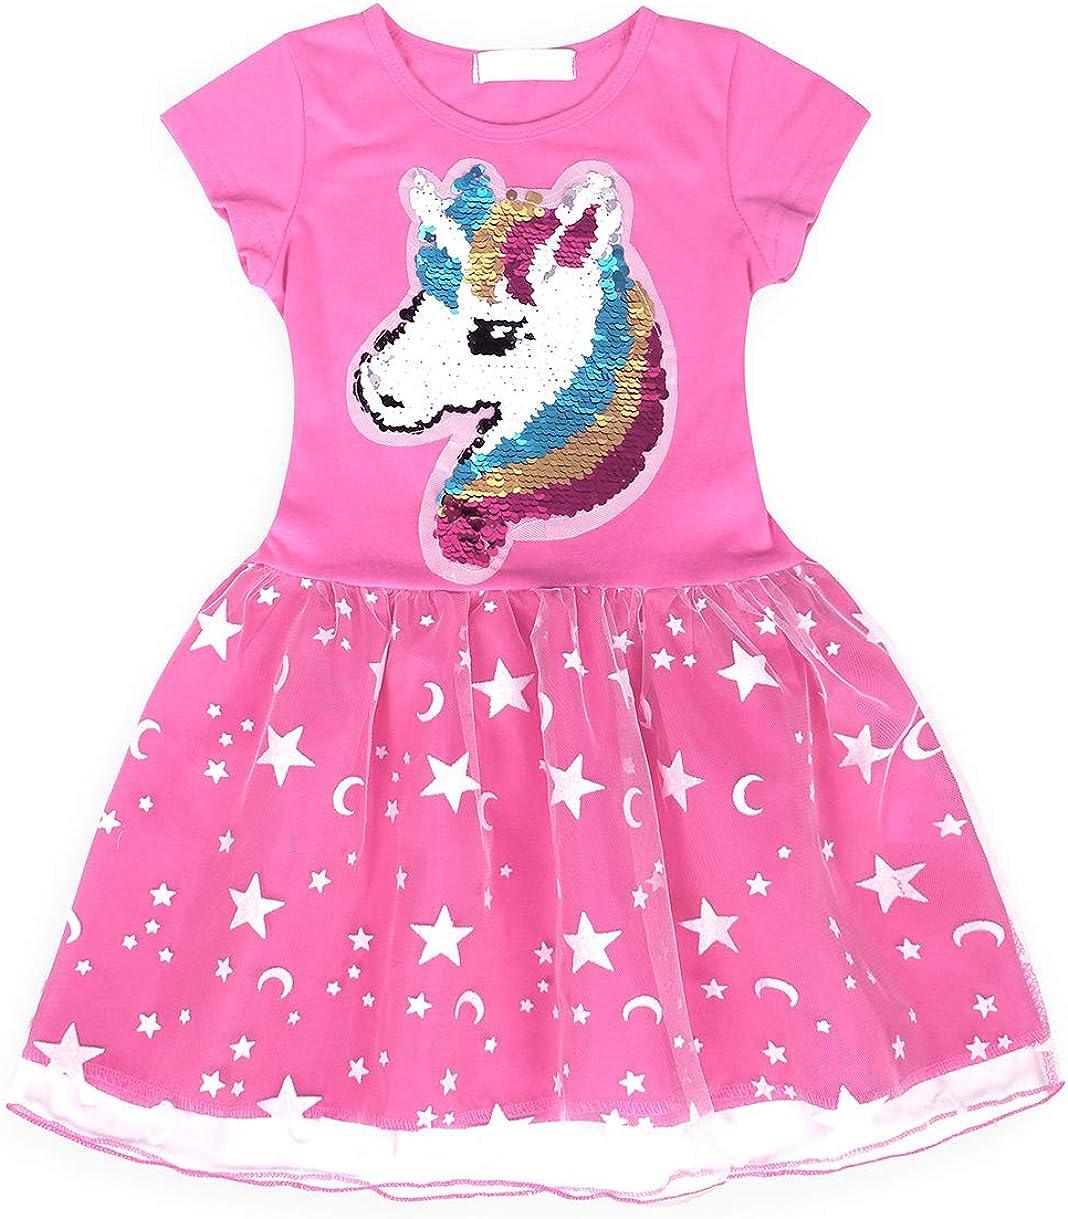 AmzBarley Unicorno Vestito da Festa Ragazza Bambina Fiore Ragazze Partito Abito con Abiti da Principessa Abito Tutu Festa Compleanno Carnevale Vestire